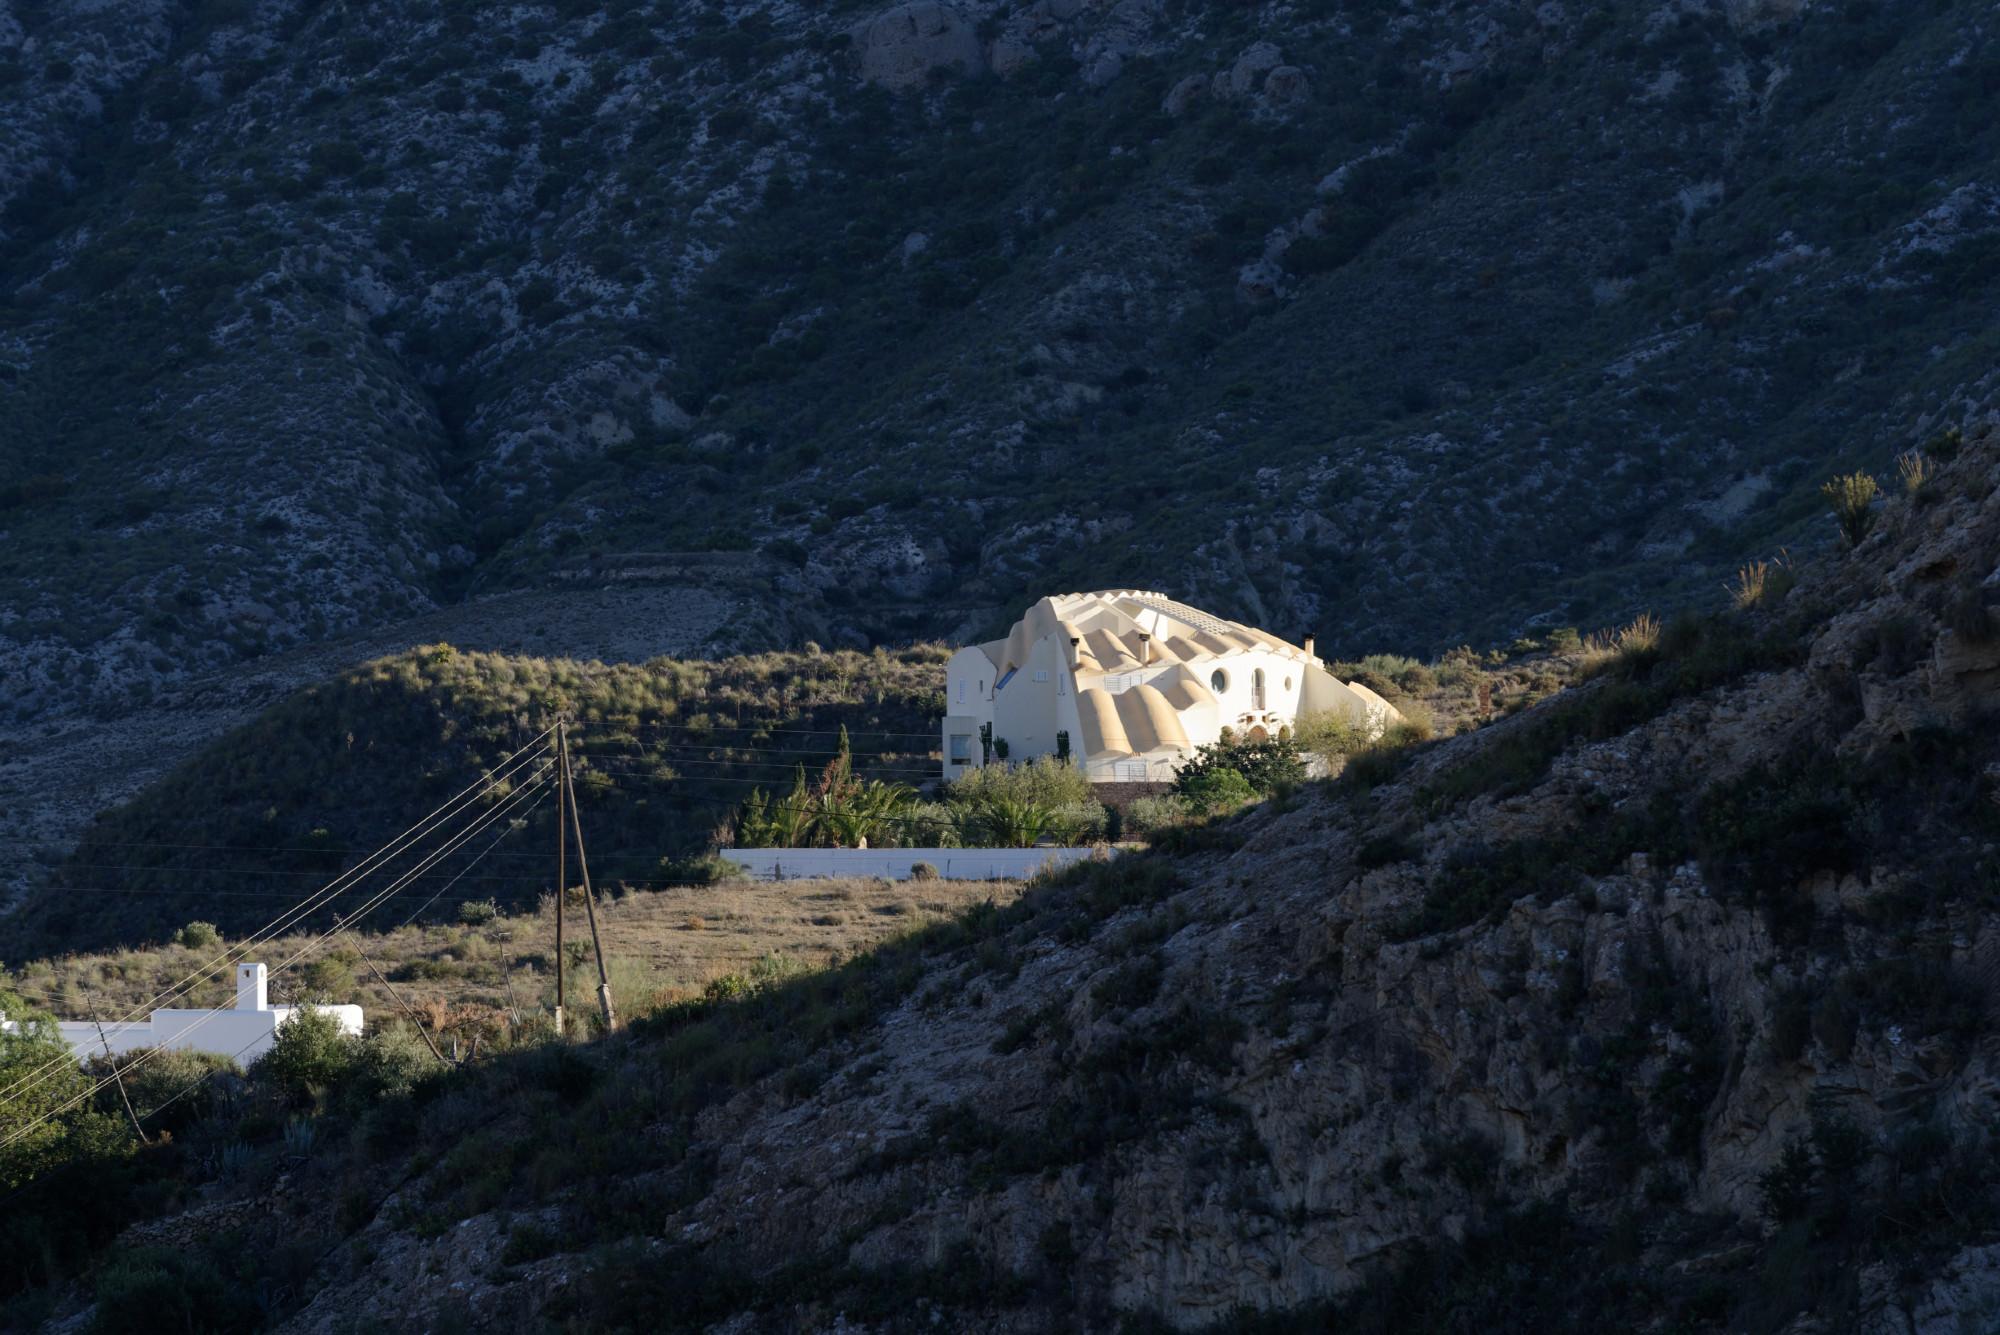 171216-Region Carboneras La Cueva del Parajo (Cabo de Gata-Andalousie) (12)